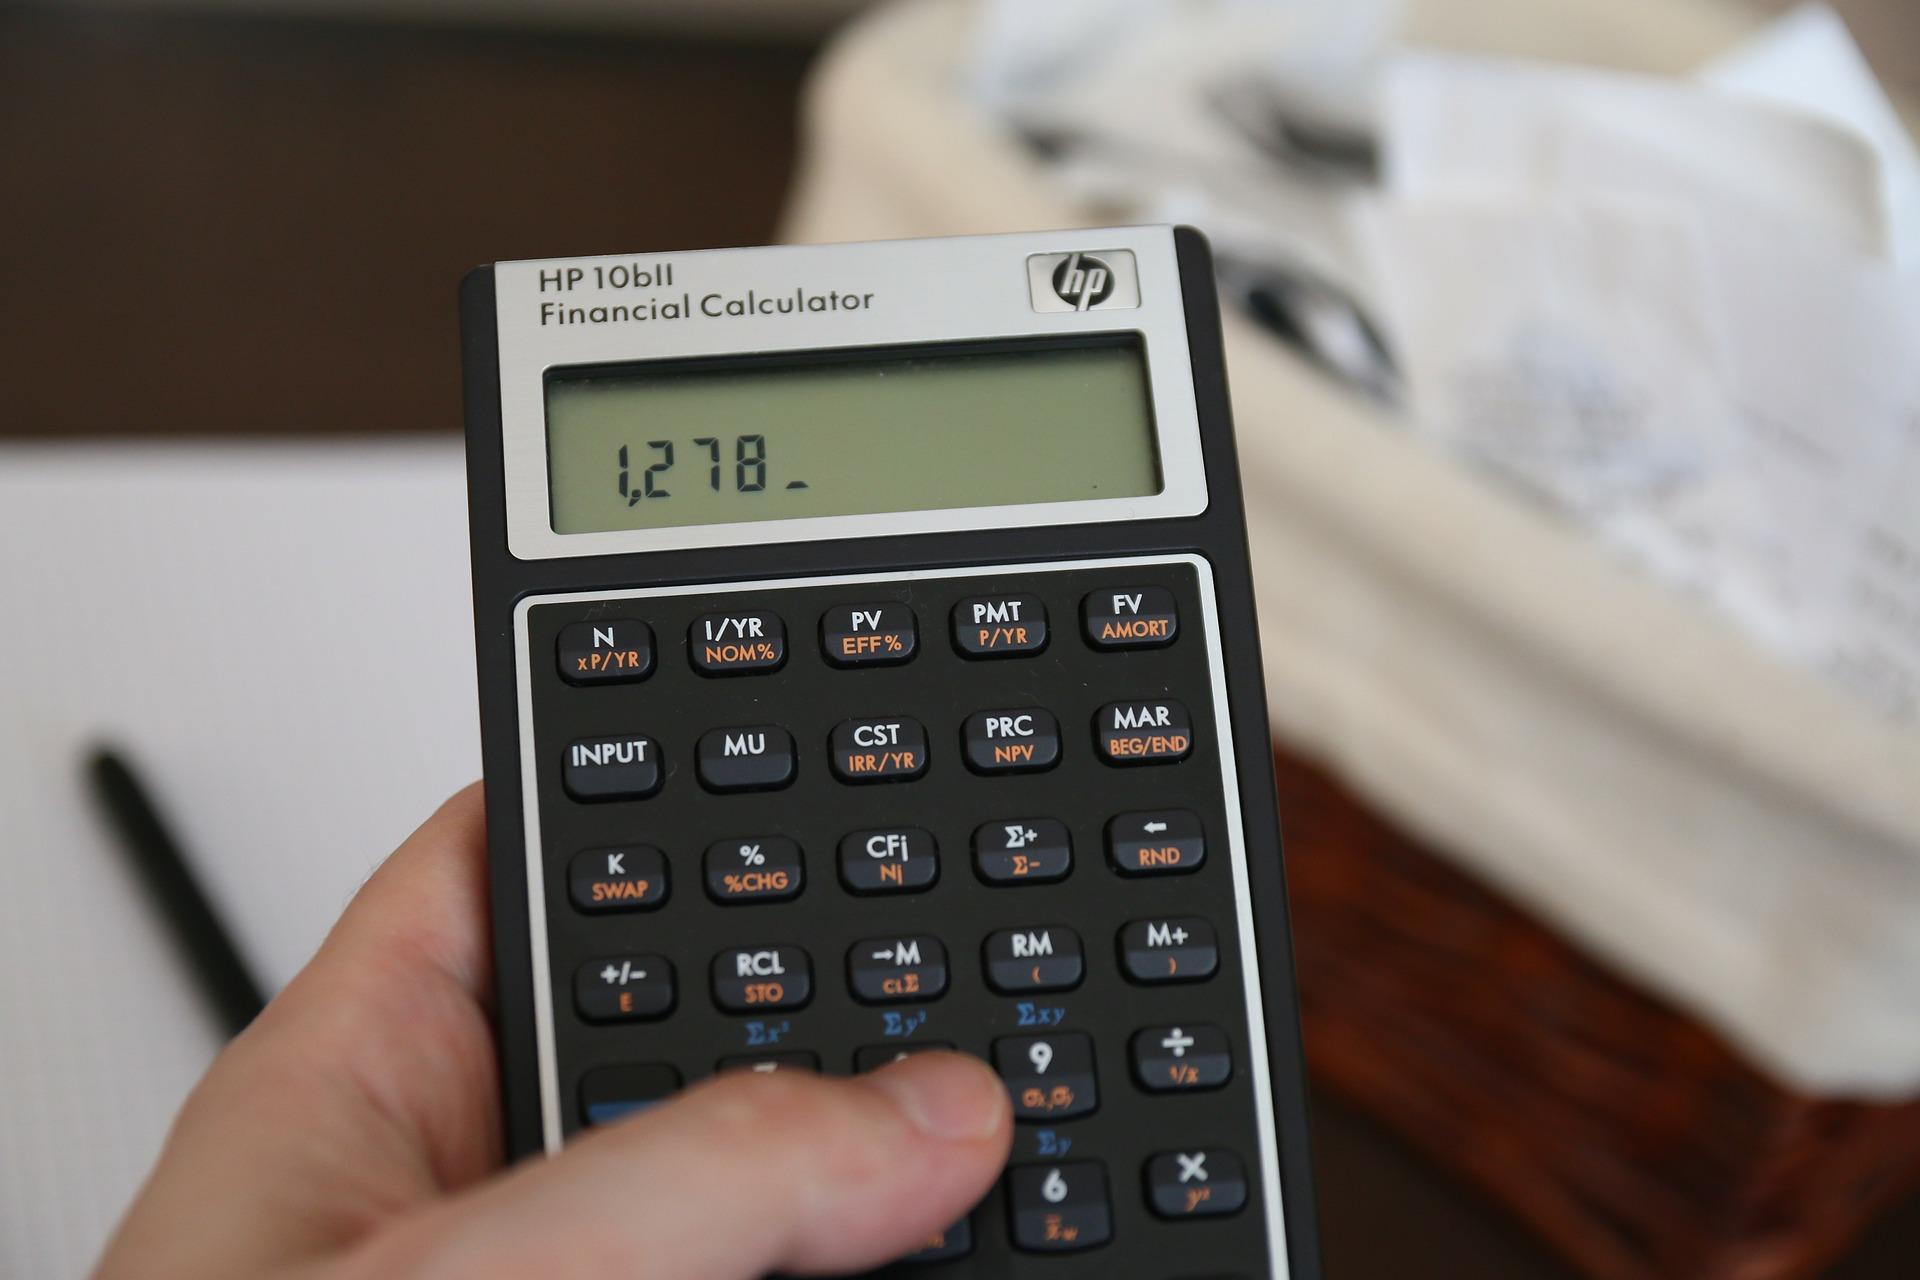 Betriebsausgabenkürzung bei Beiträgen zur betrieblichen Altersversorgung